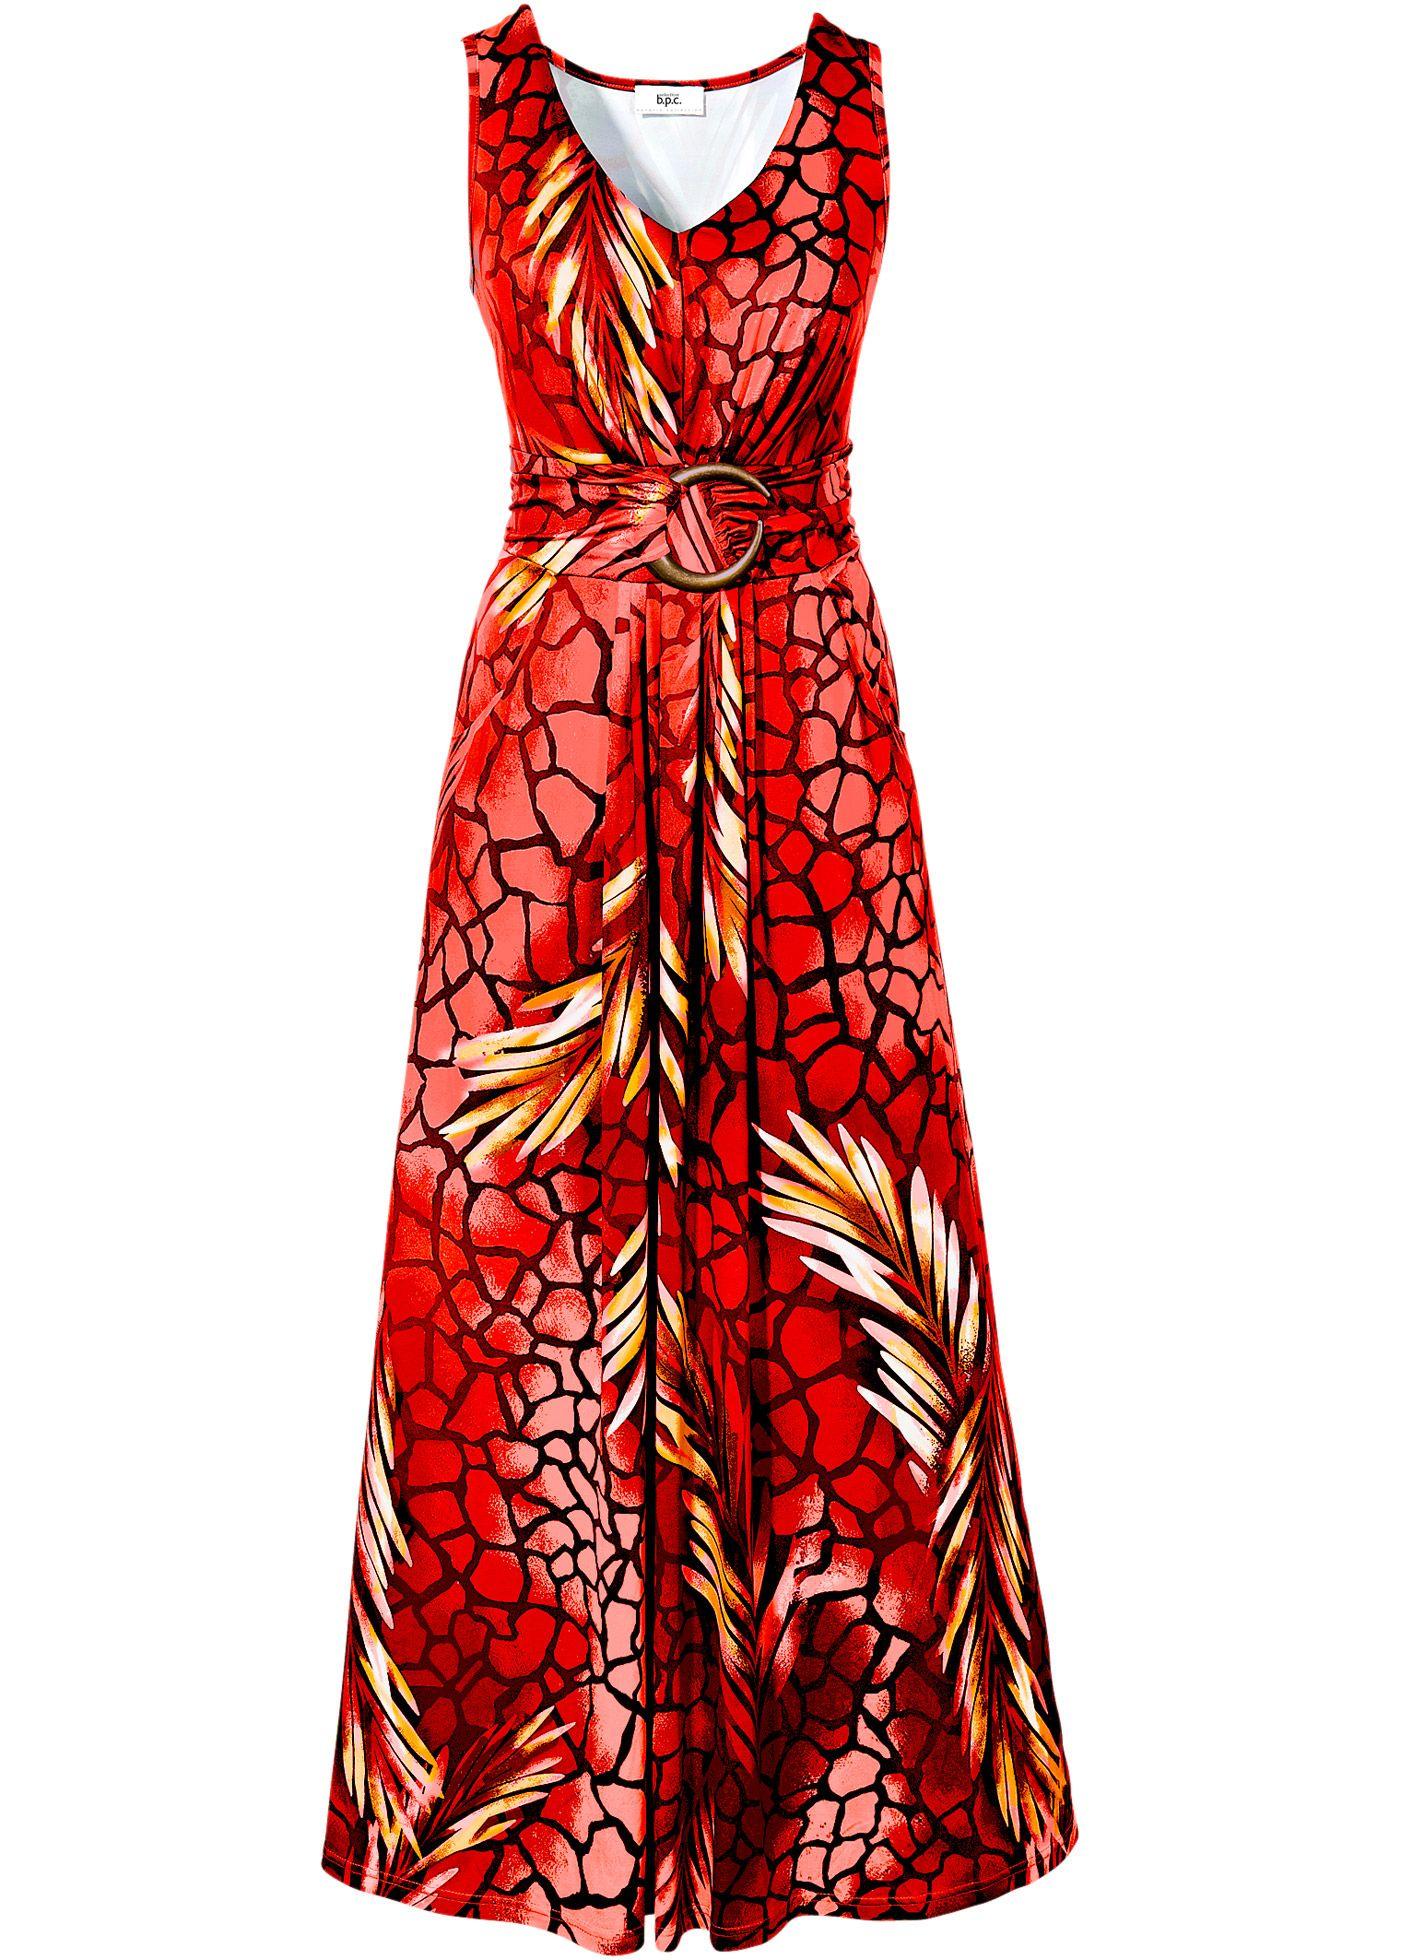 a96627d9f861 Shirtkleid, bpc selection, koralle bedruckt   Kleider für Hochzeit ...